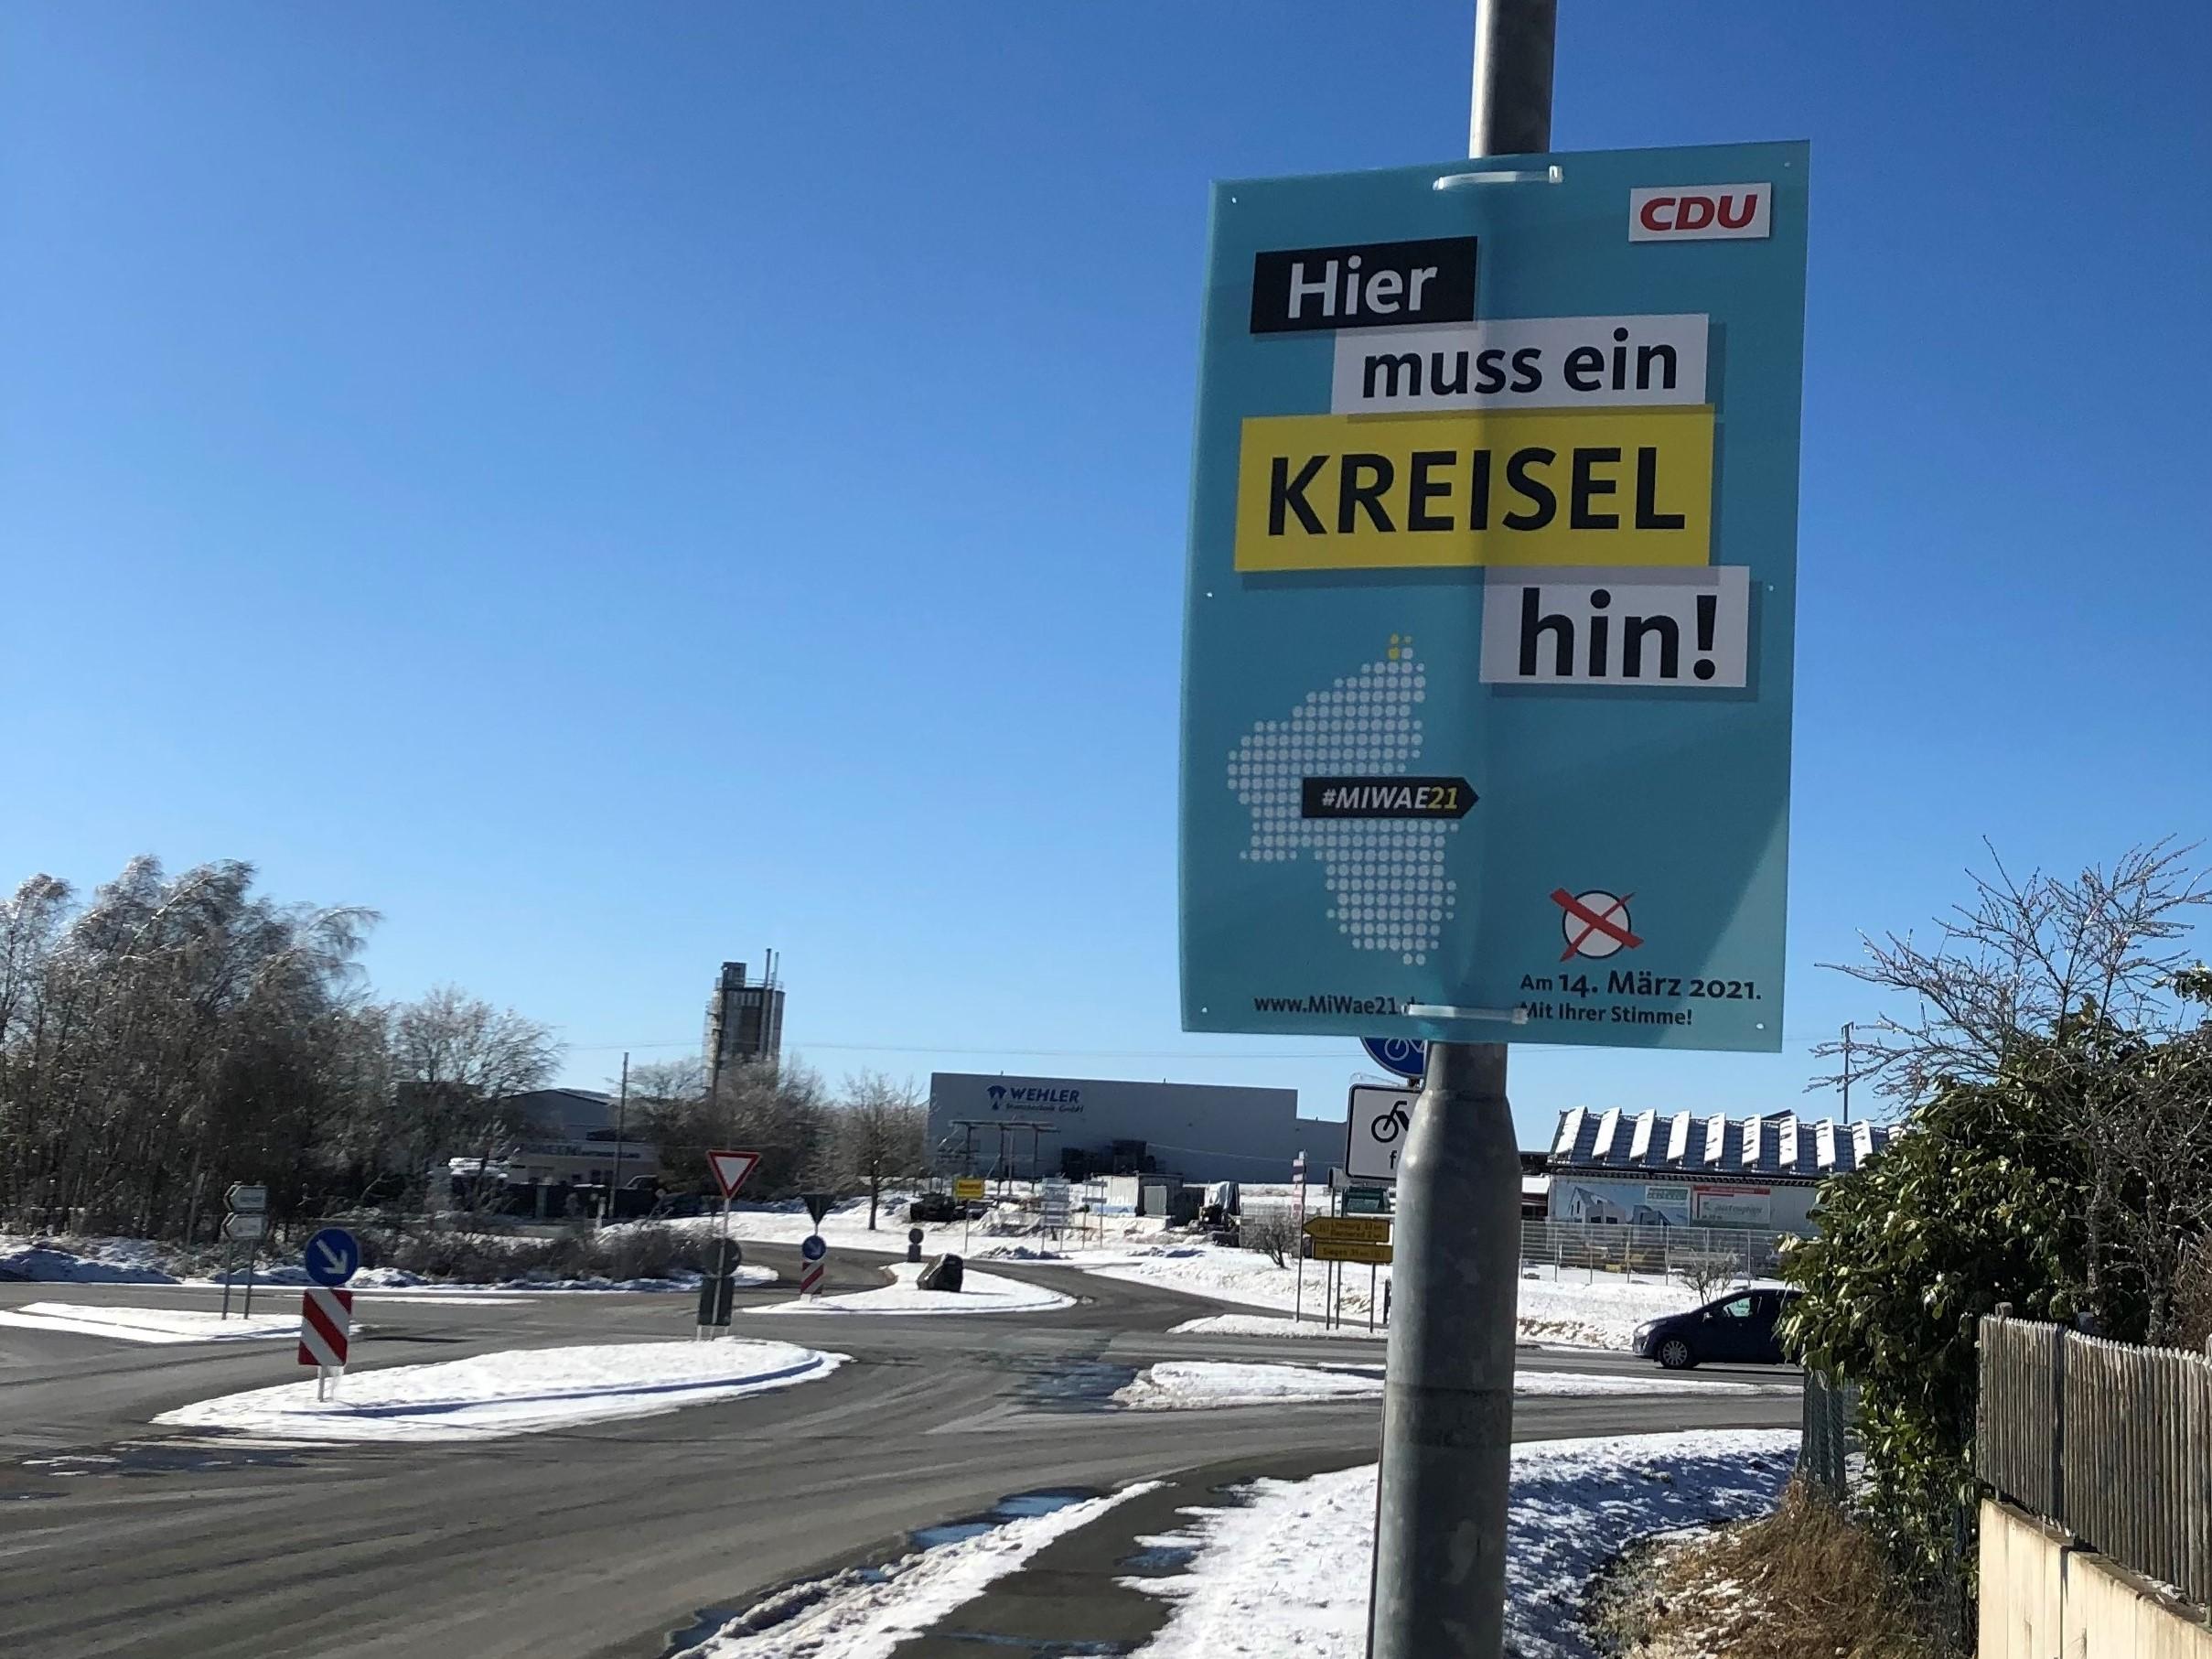 Abgeordneter Wäschenbach besucht Rennerod